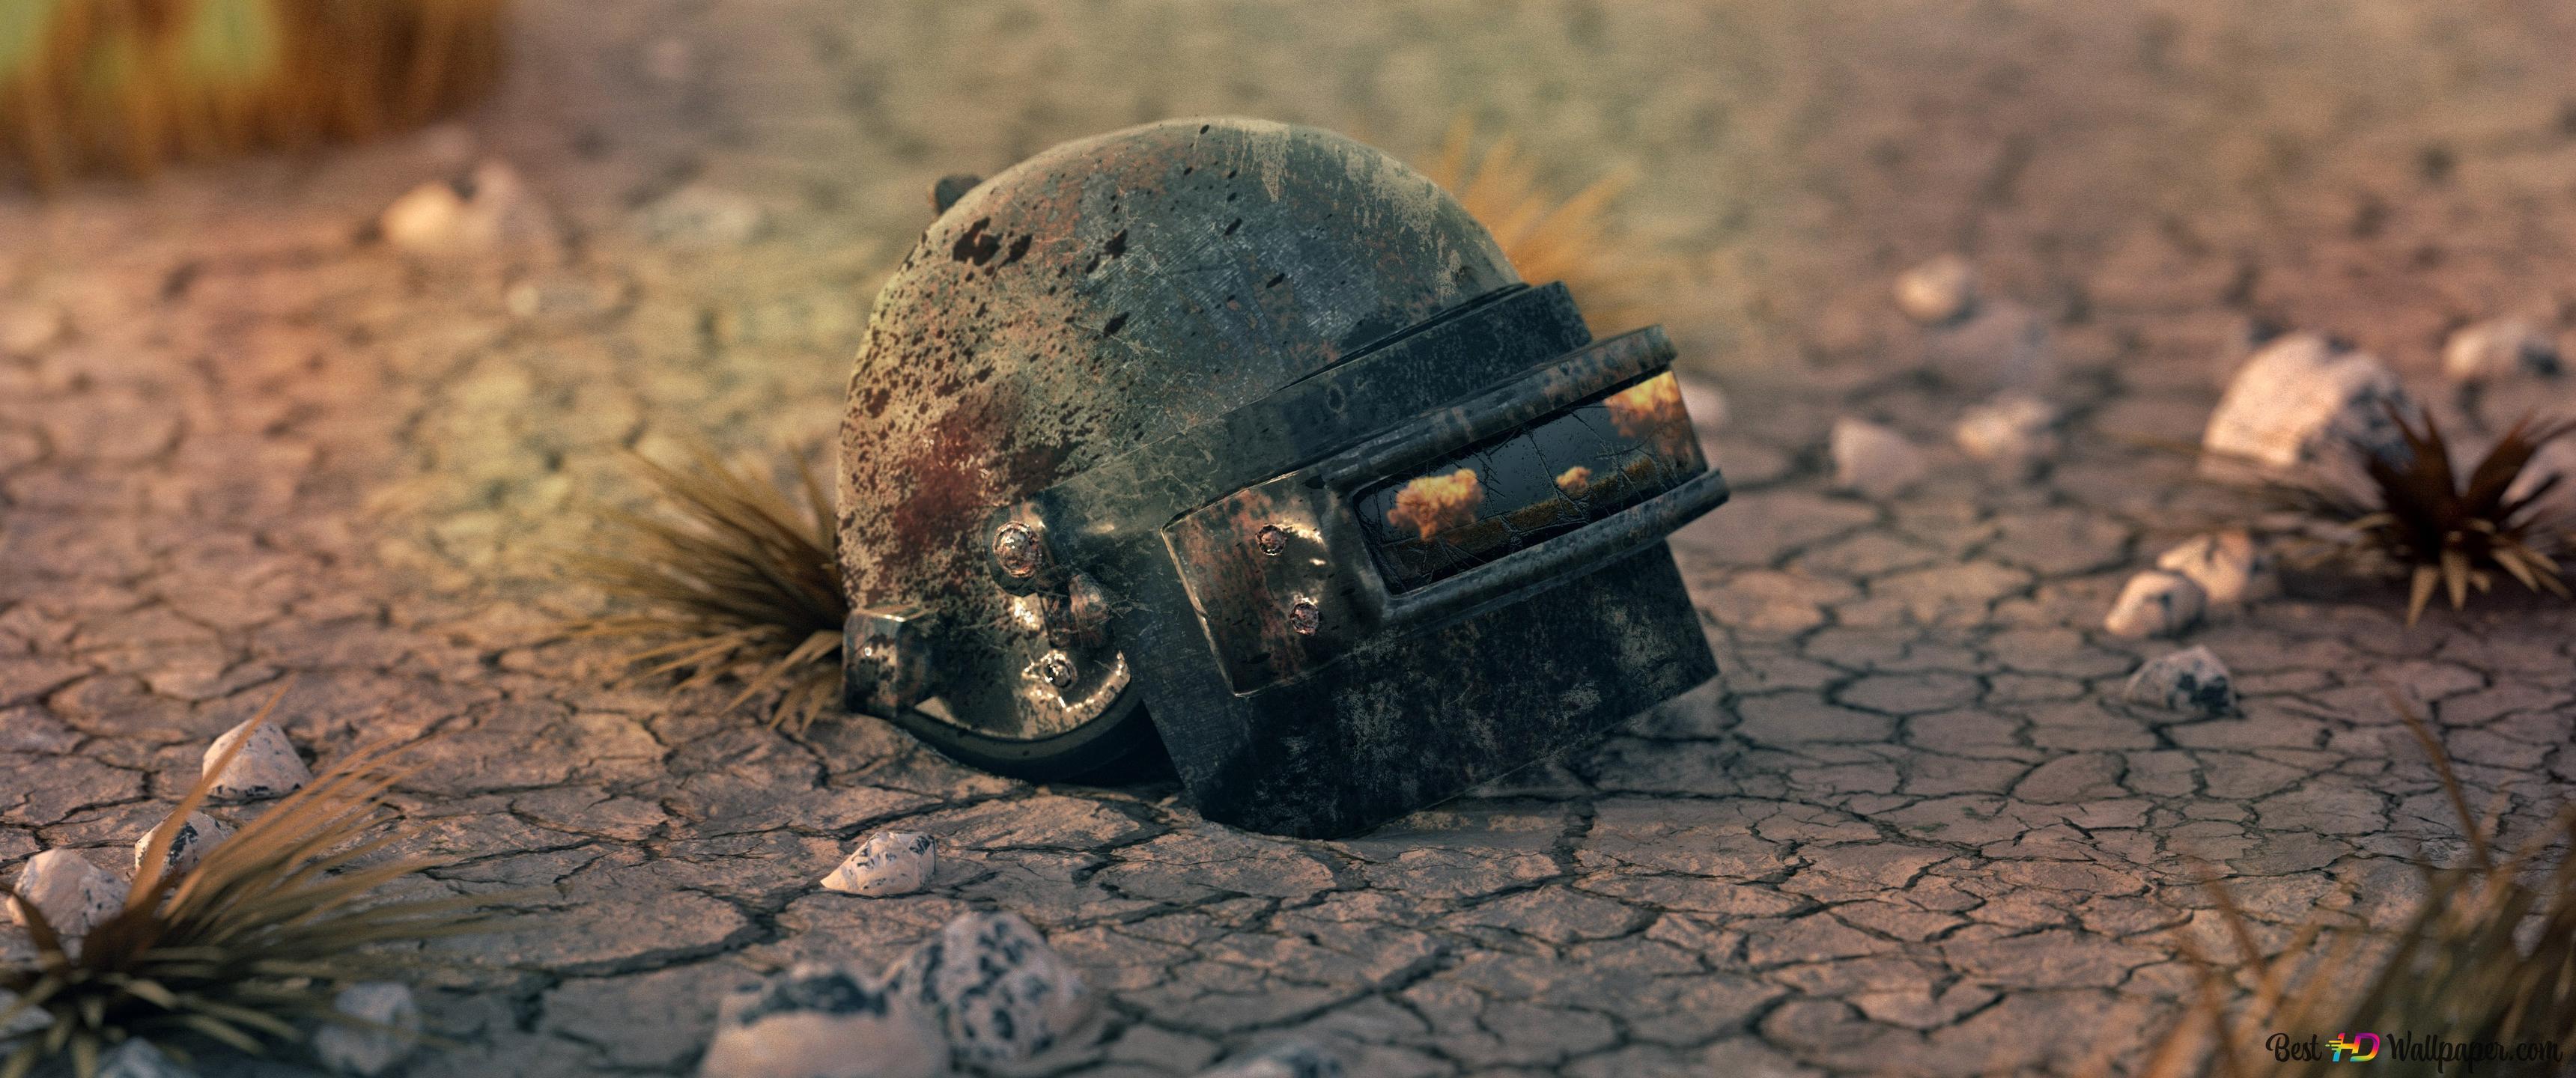 Pubg Playerunknown S Battlegrounds Helmet Character Hd